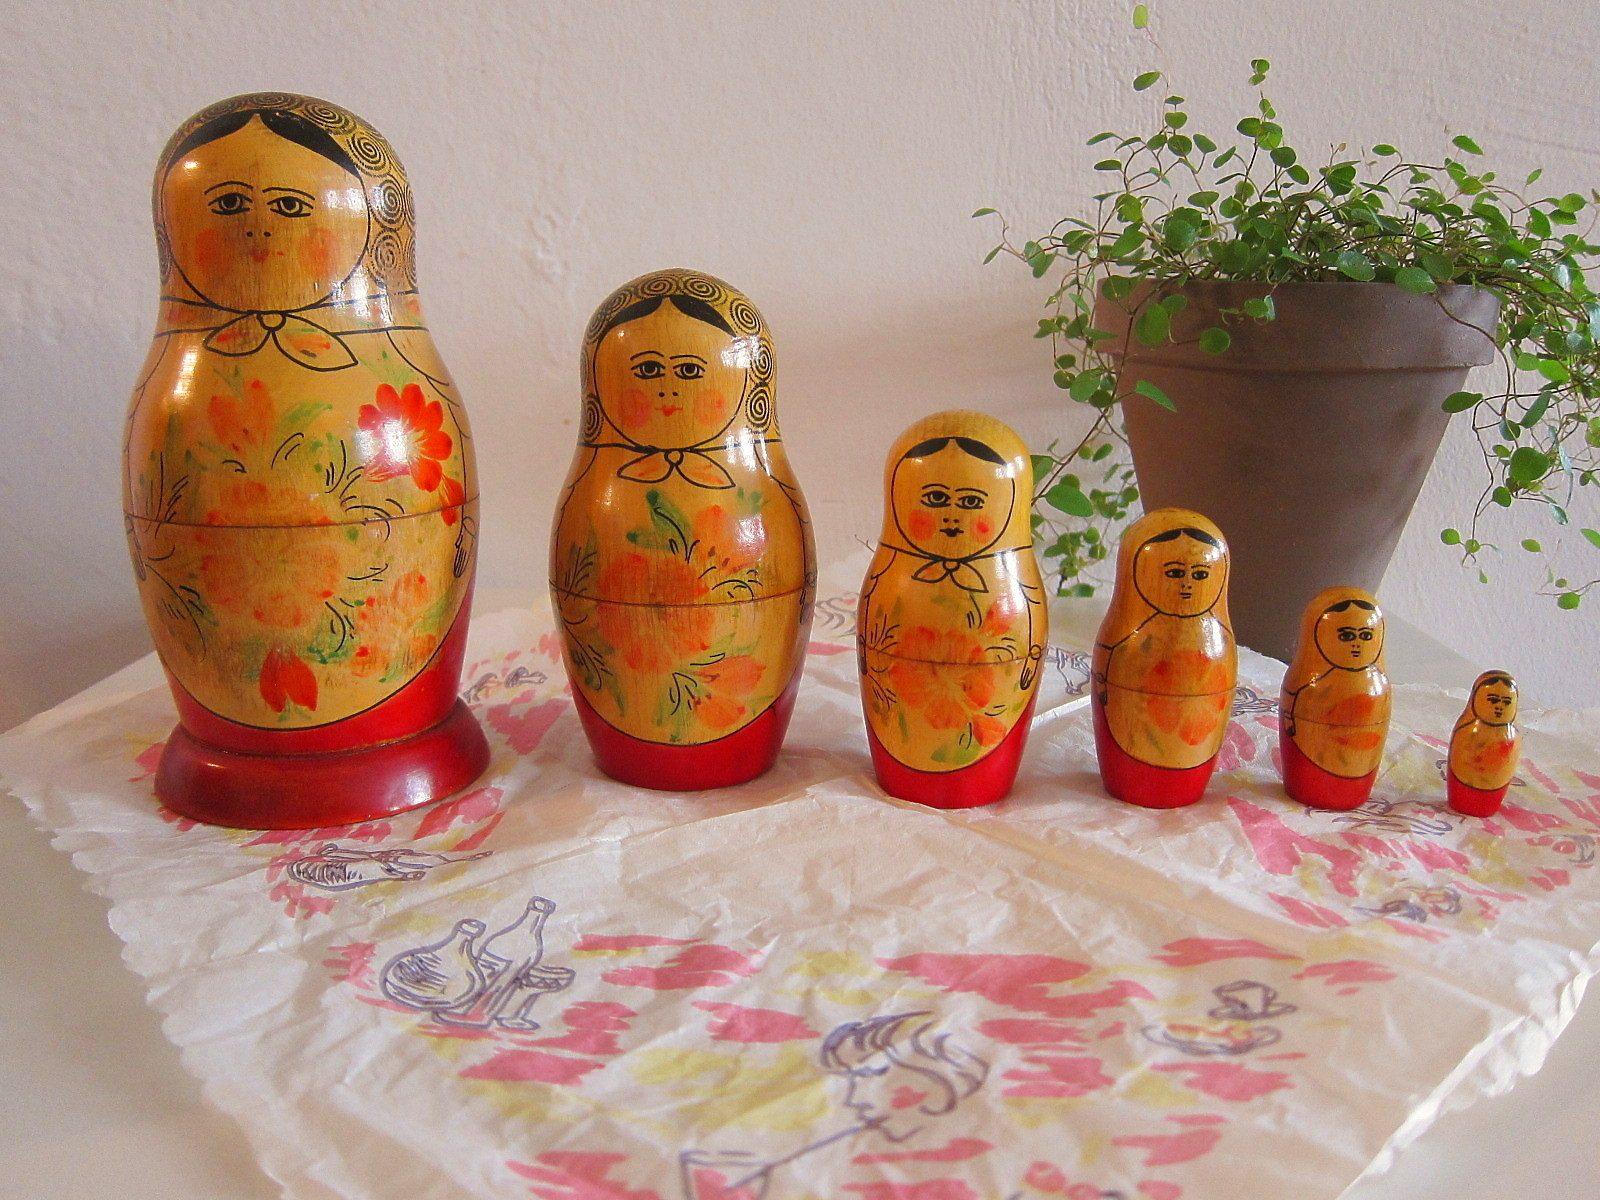 ロシア人形 マトリョーシカ 6個入り